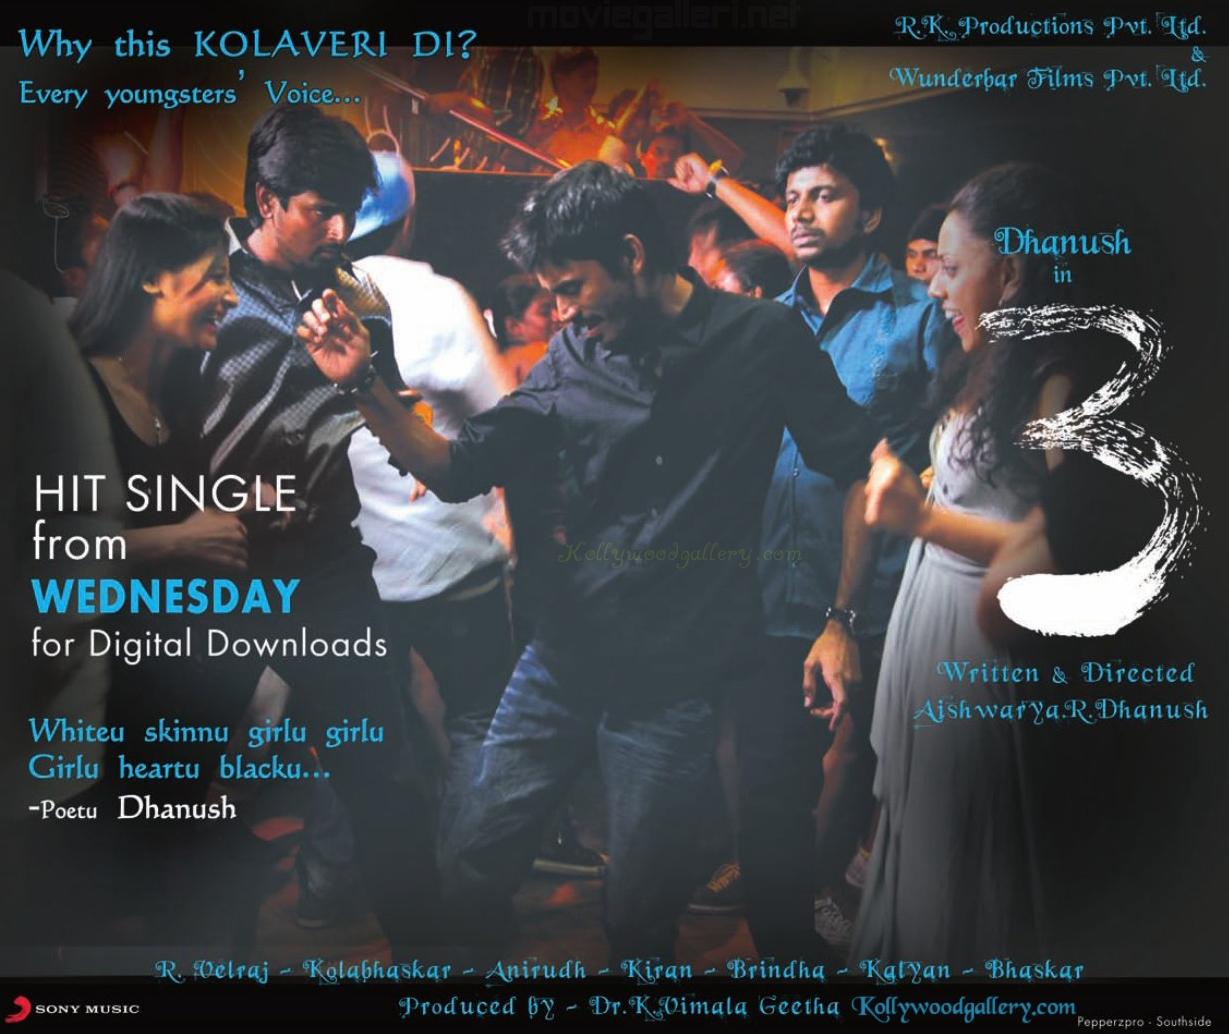 http://1.bp.blogspot.com/-1MpipLS68Nk/TtHLsV_qT-I/AAAAAAAAF18/lGqlvrtqln8/s1600/Dhanush_3_Movie+_wallpapers_6.jpg